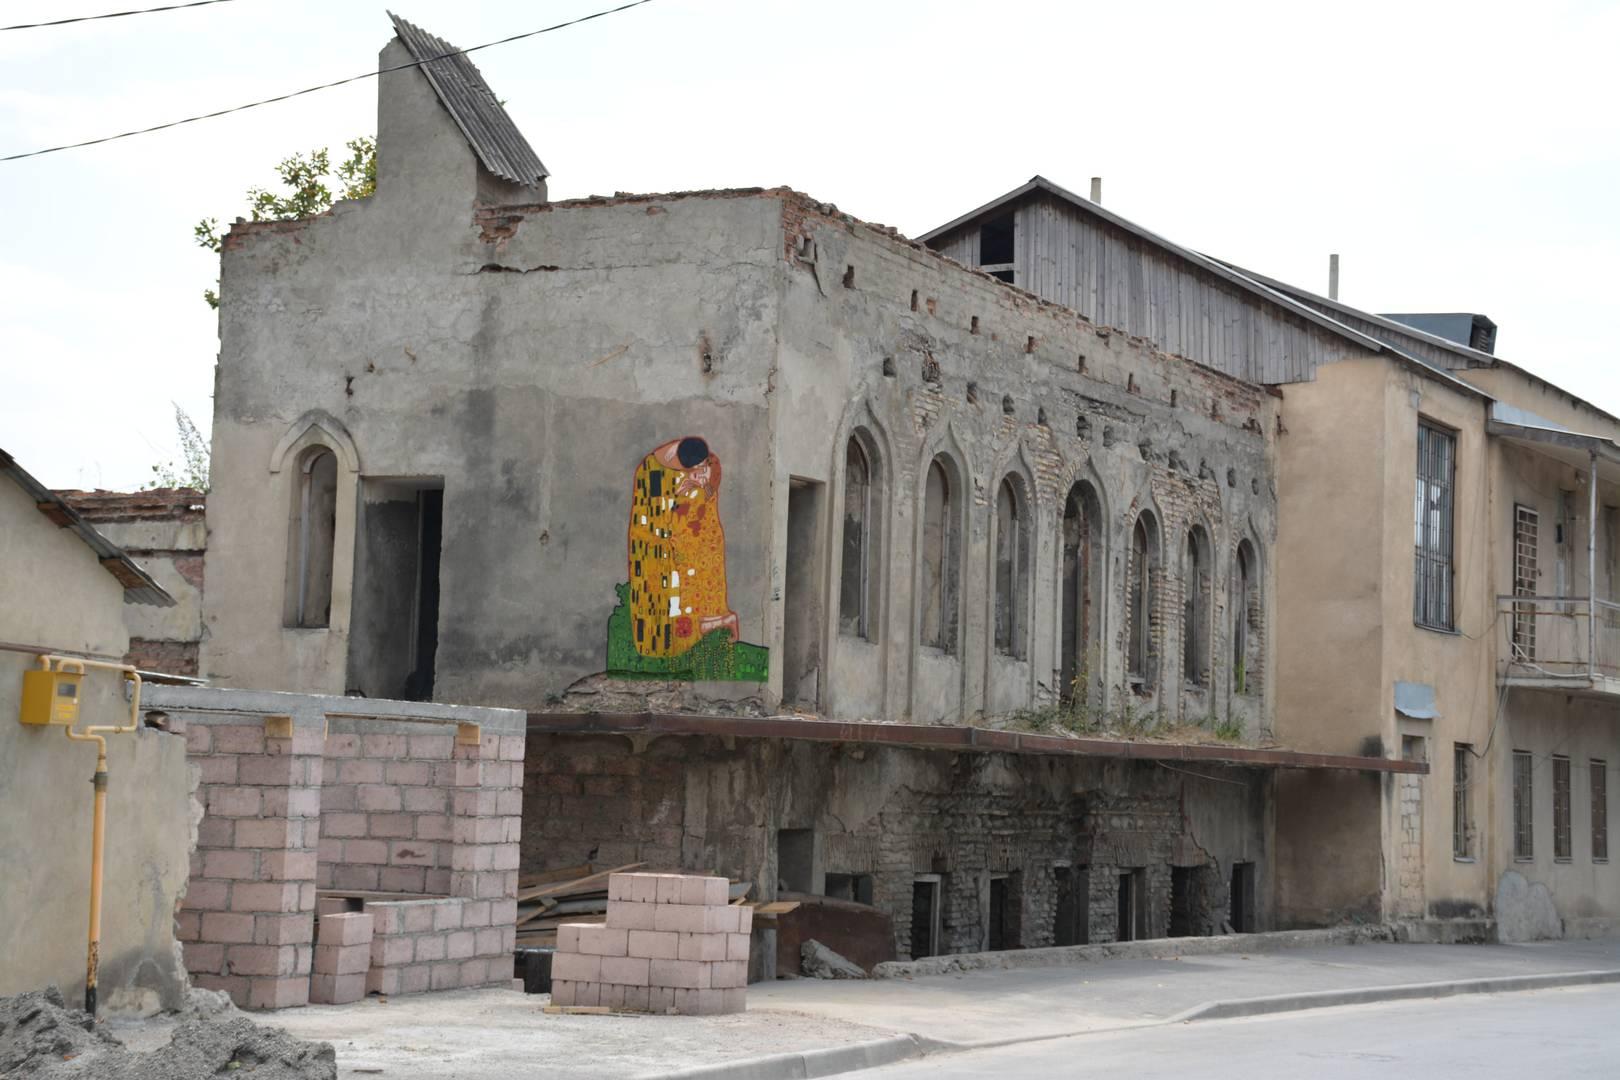 Картина Густава Климта «Поцелуй» на разрушенном здании в Цхинвале